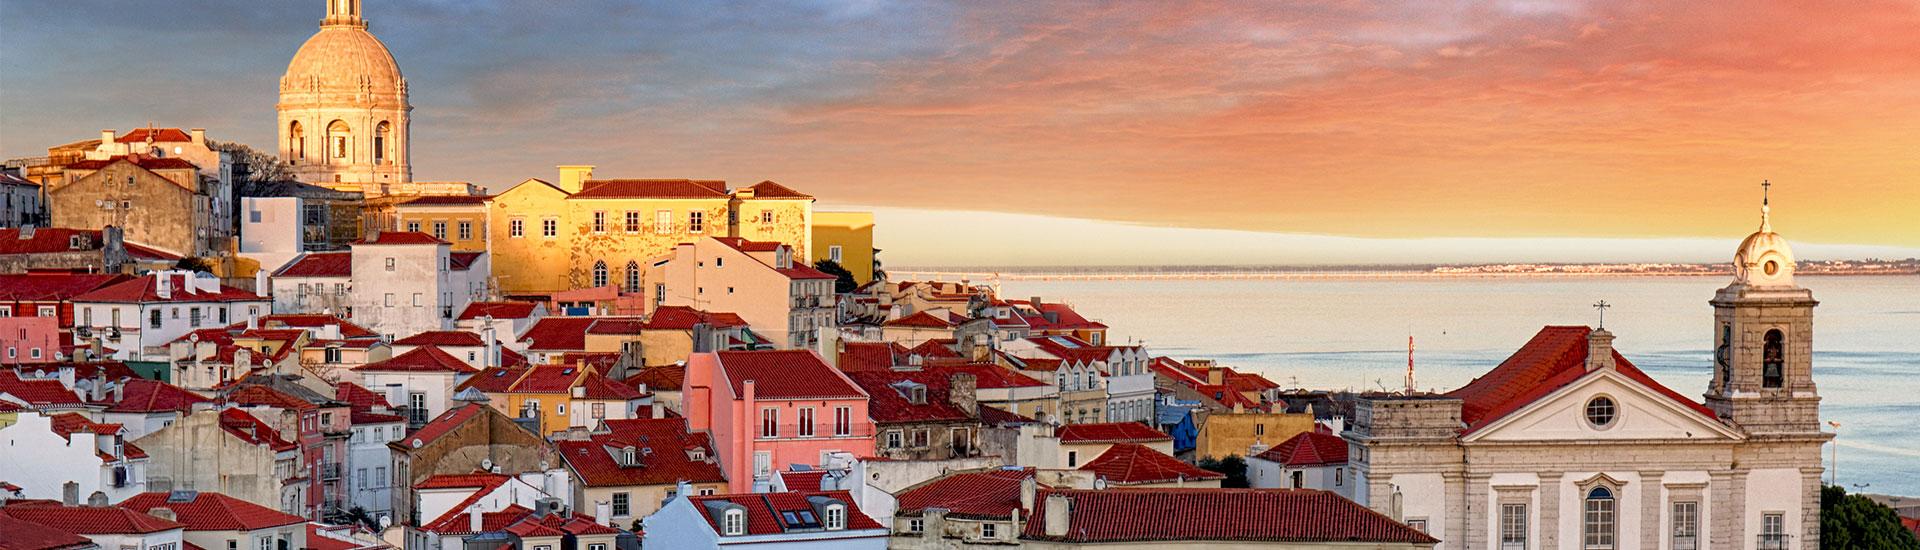 portugal hotels hero